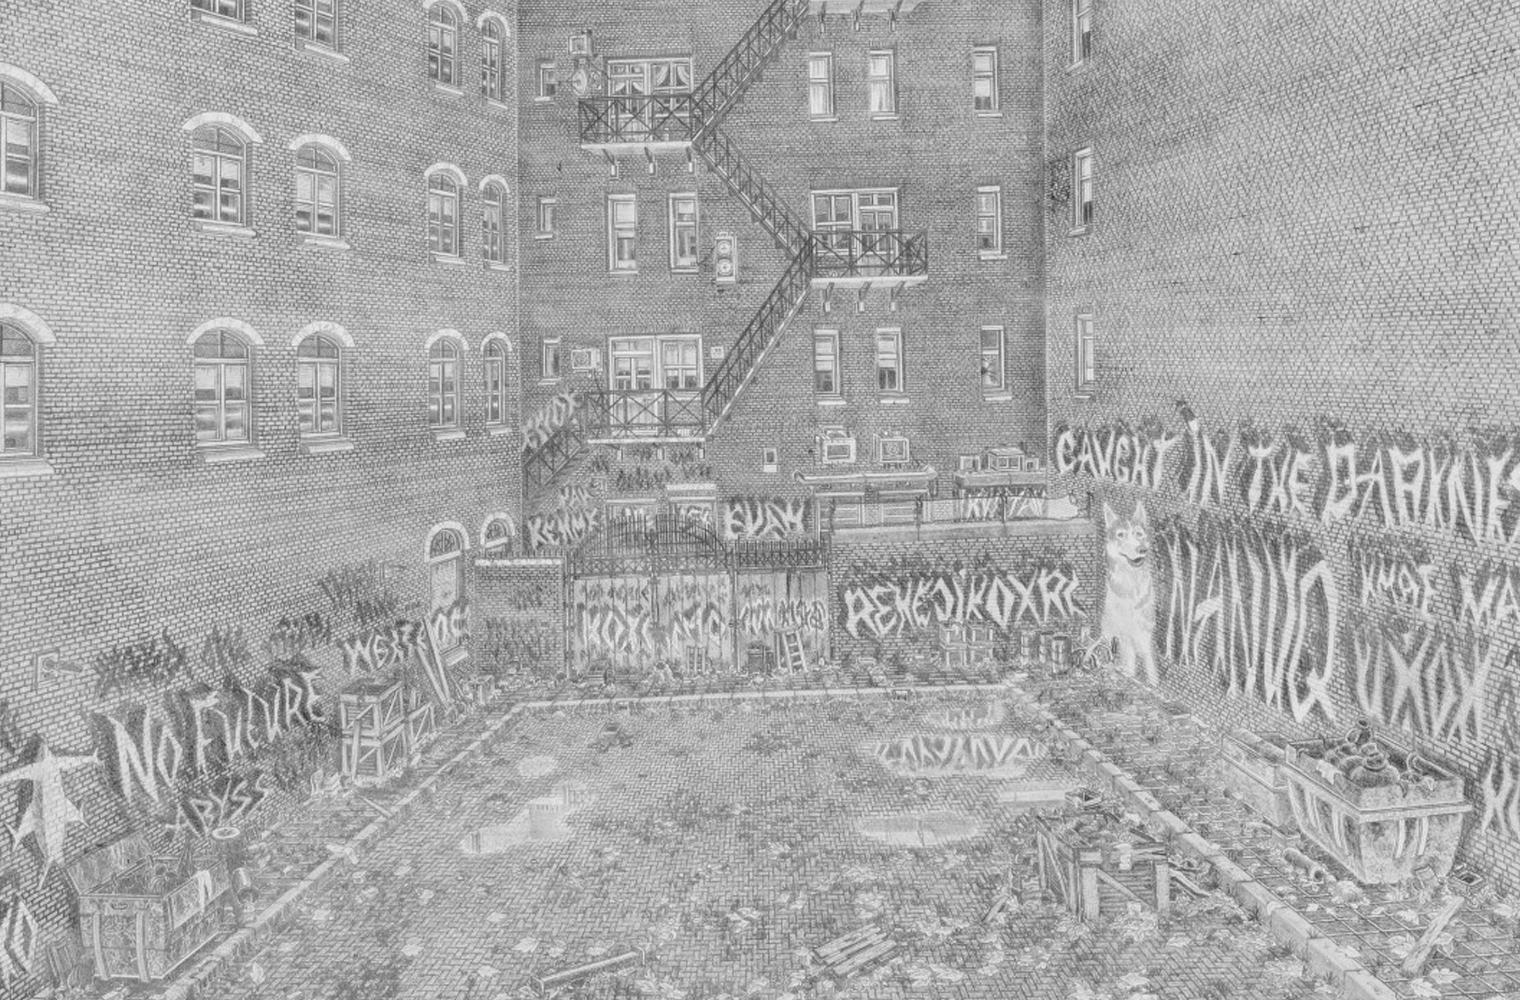 Eine feingliedrige detailreiche Graphitzeichnung zeigt den Innenhof eines mehrstöckigen Hauses mit Graffitis an den Wänden und einer Eisentreppe, d...